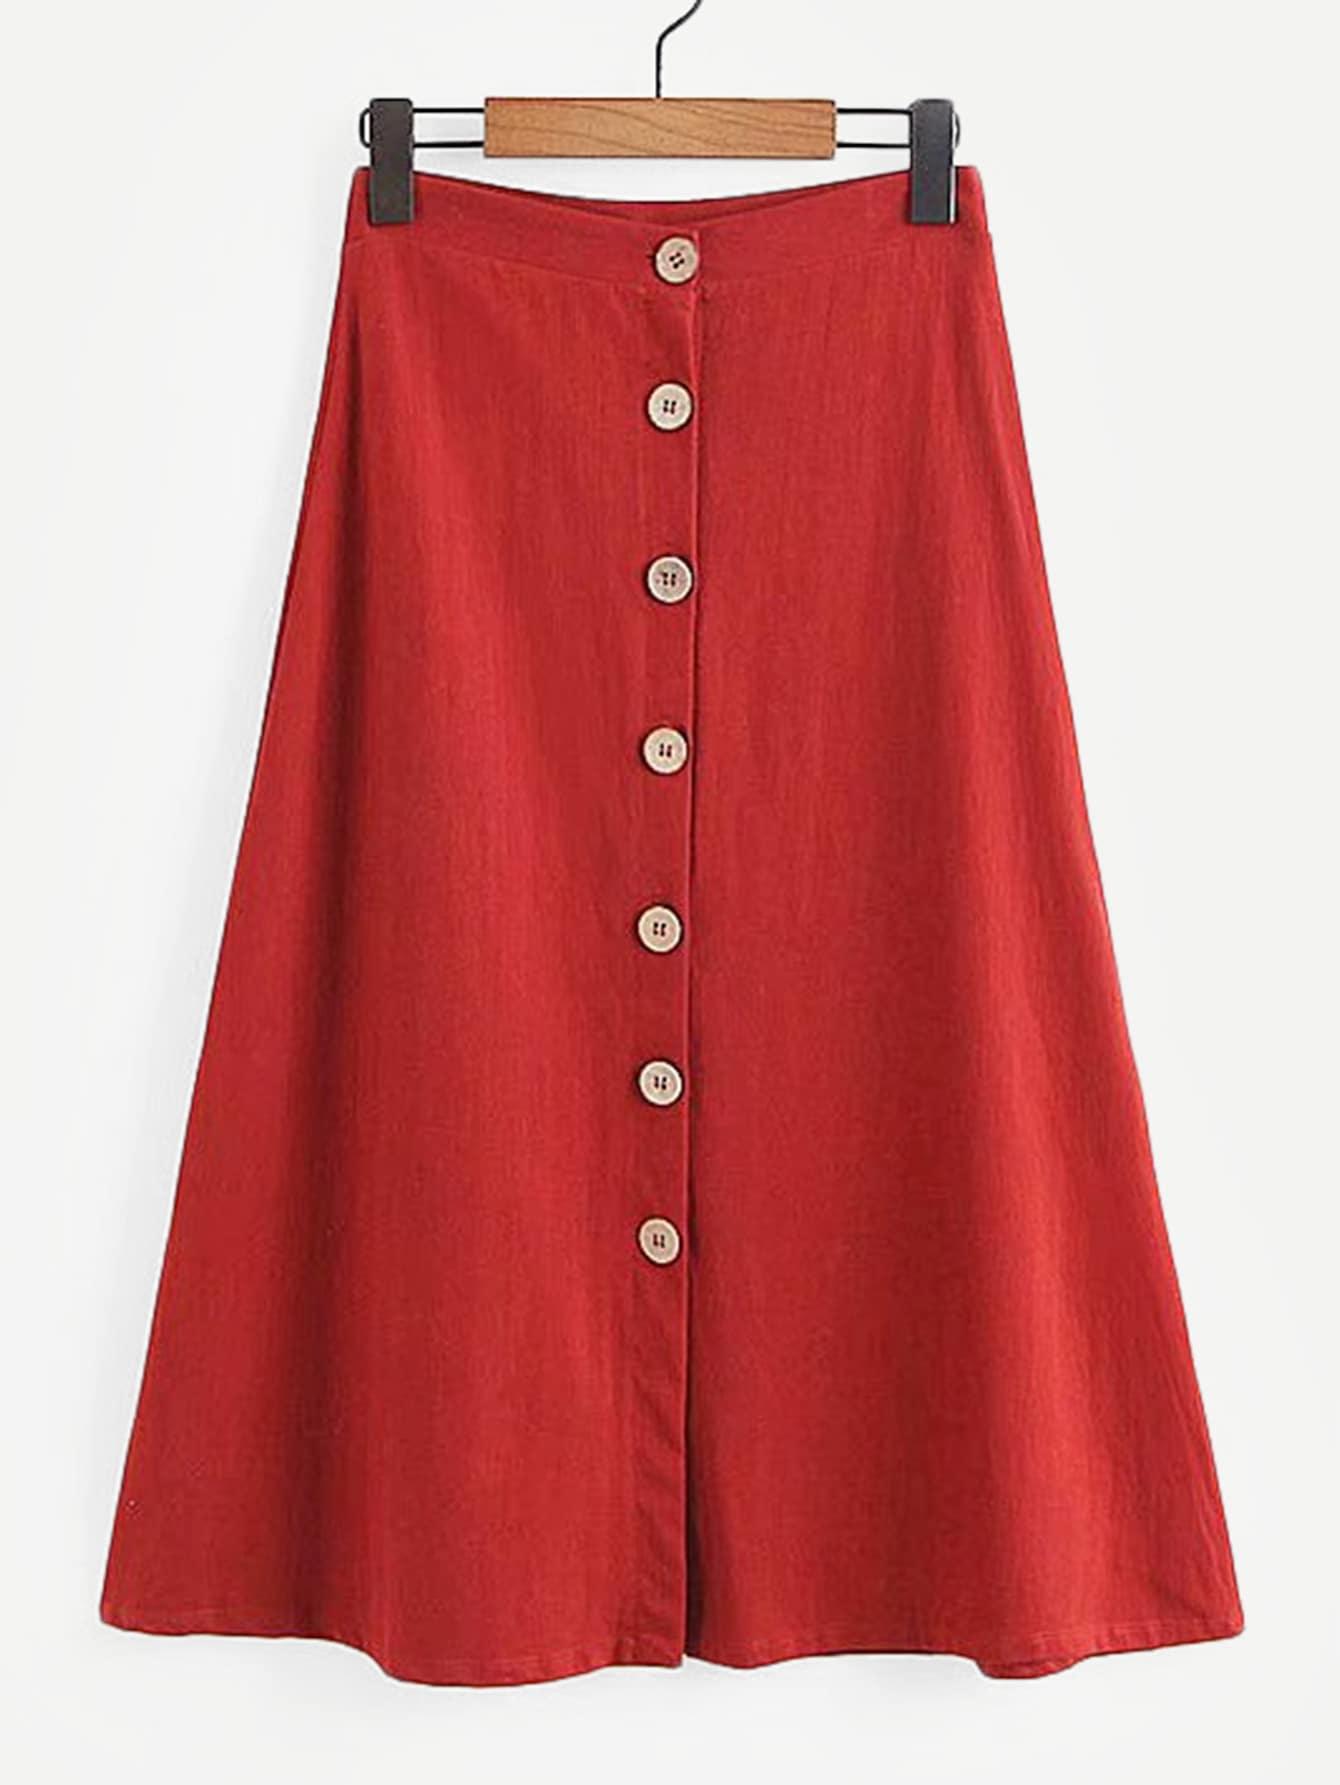 Простая юбка с украшением пуговицы, null, SheIn  - купить со скидкой